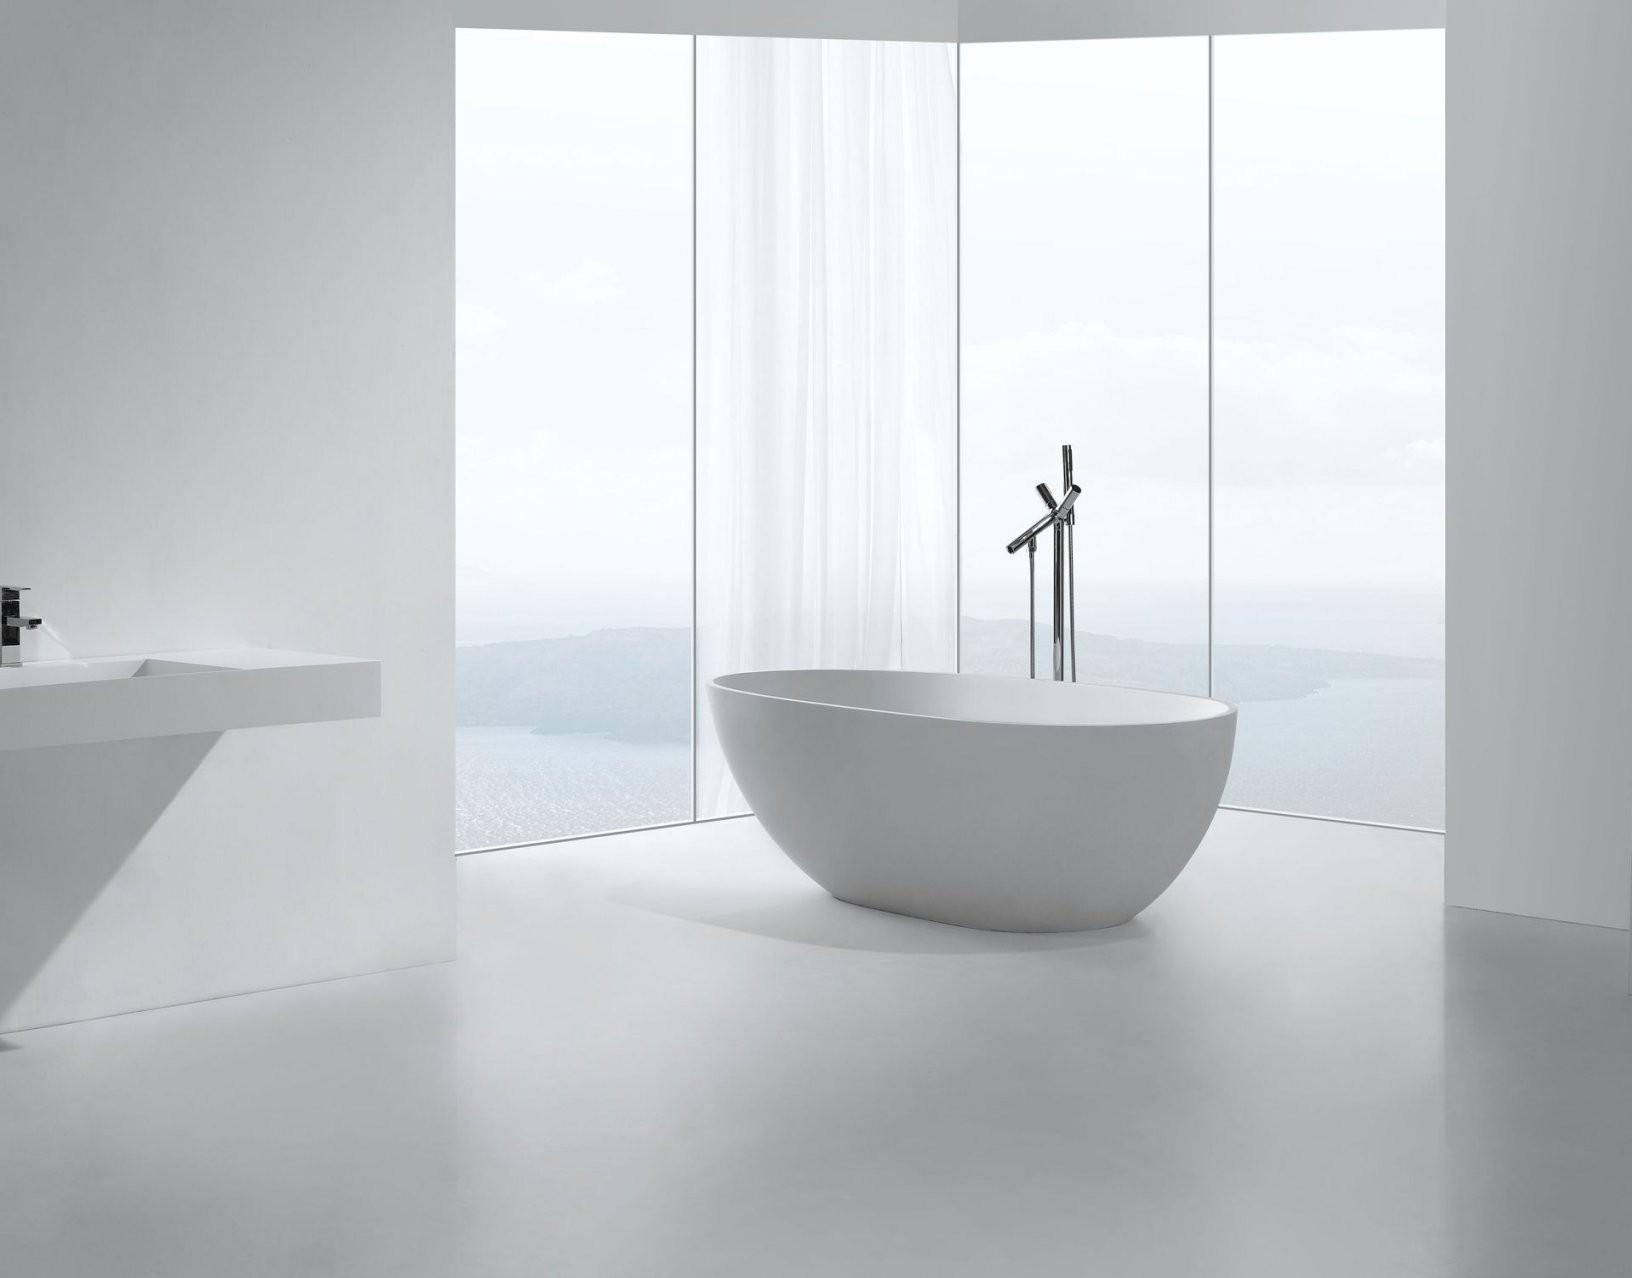 Freistehende Badewanne Bwix118 von Günstige Freistehende Badewanne Photo